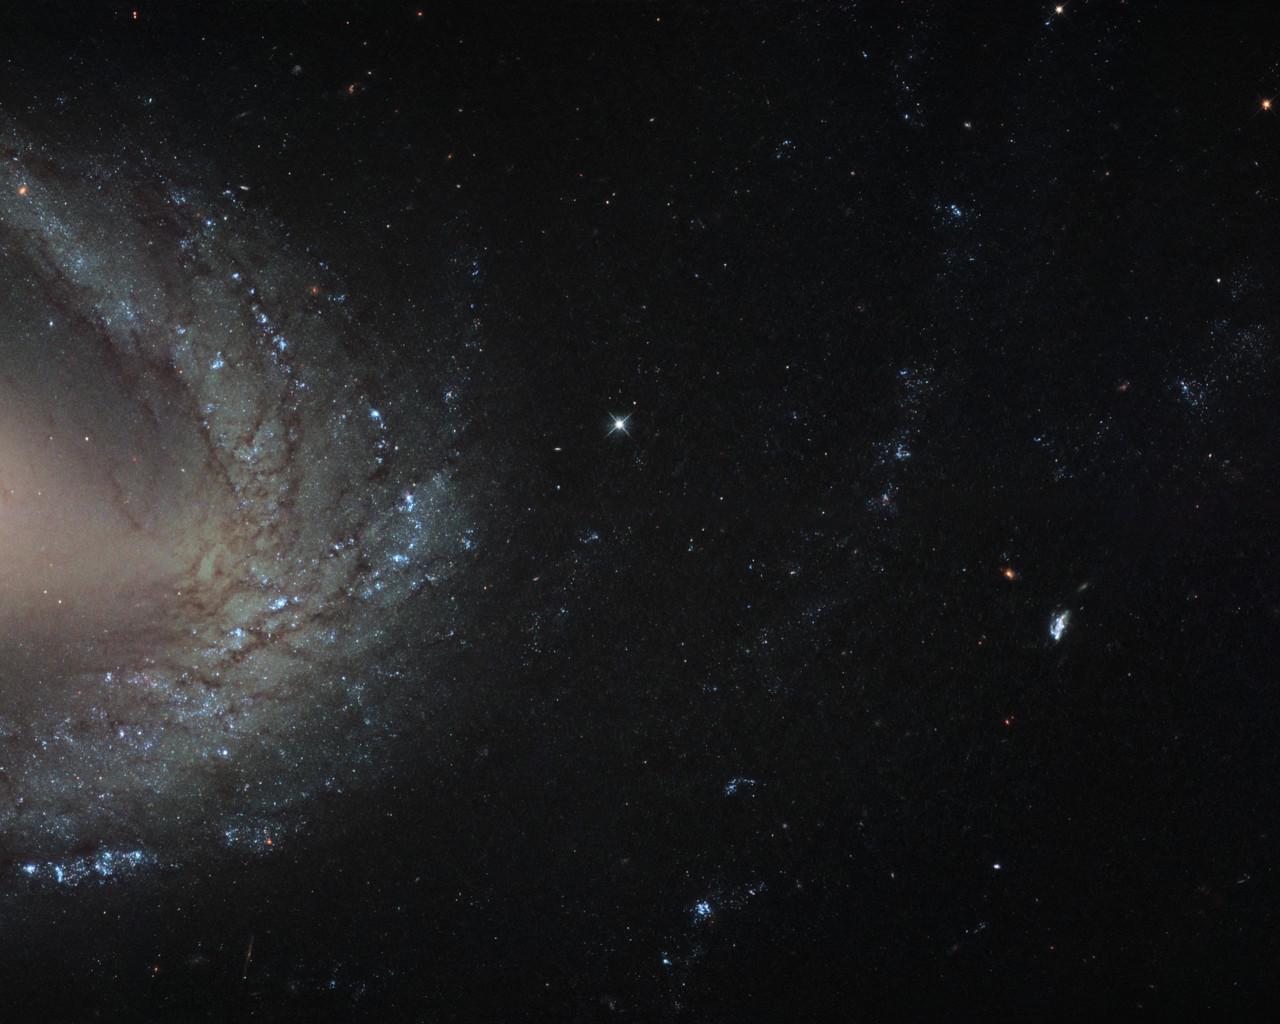 Карлик и великан: на этом снимке удалось запечатлеть два типа галактик: NGC 1512 (слева) и карликовую NGC 1510. Оба объекта находятся примерно в 30 млн. световых лет от нас, а их близость закончится полным поглощением «малютки».